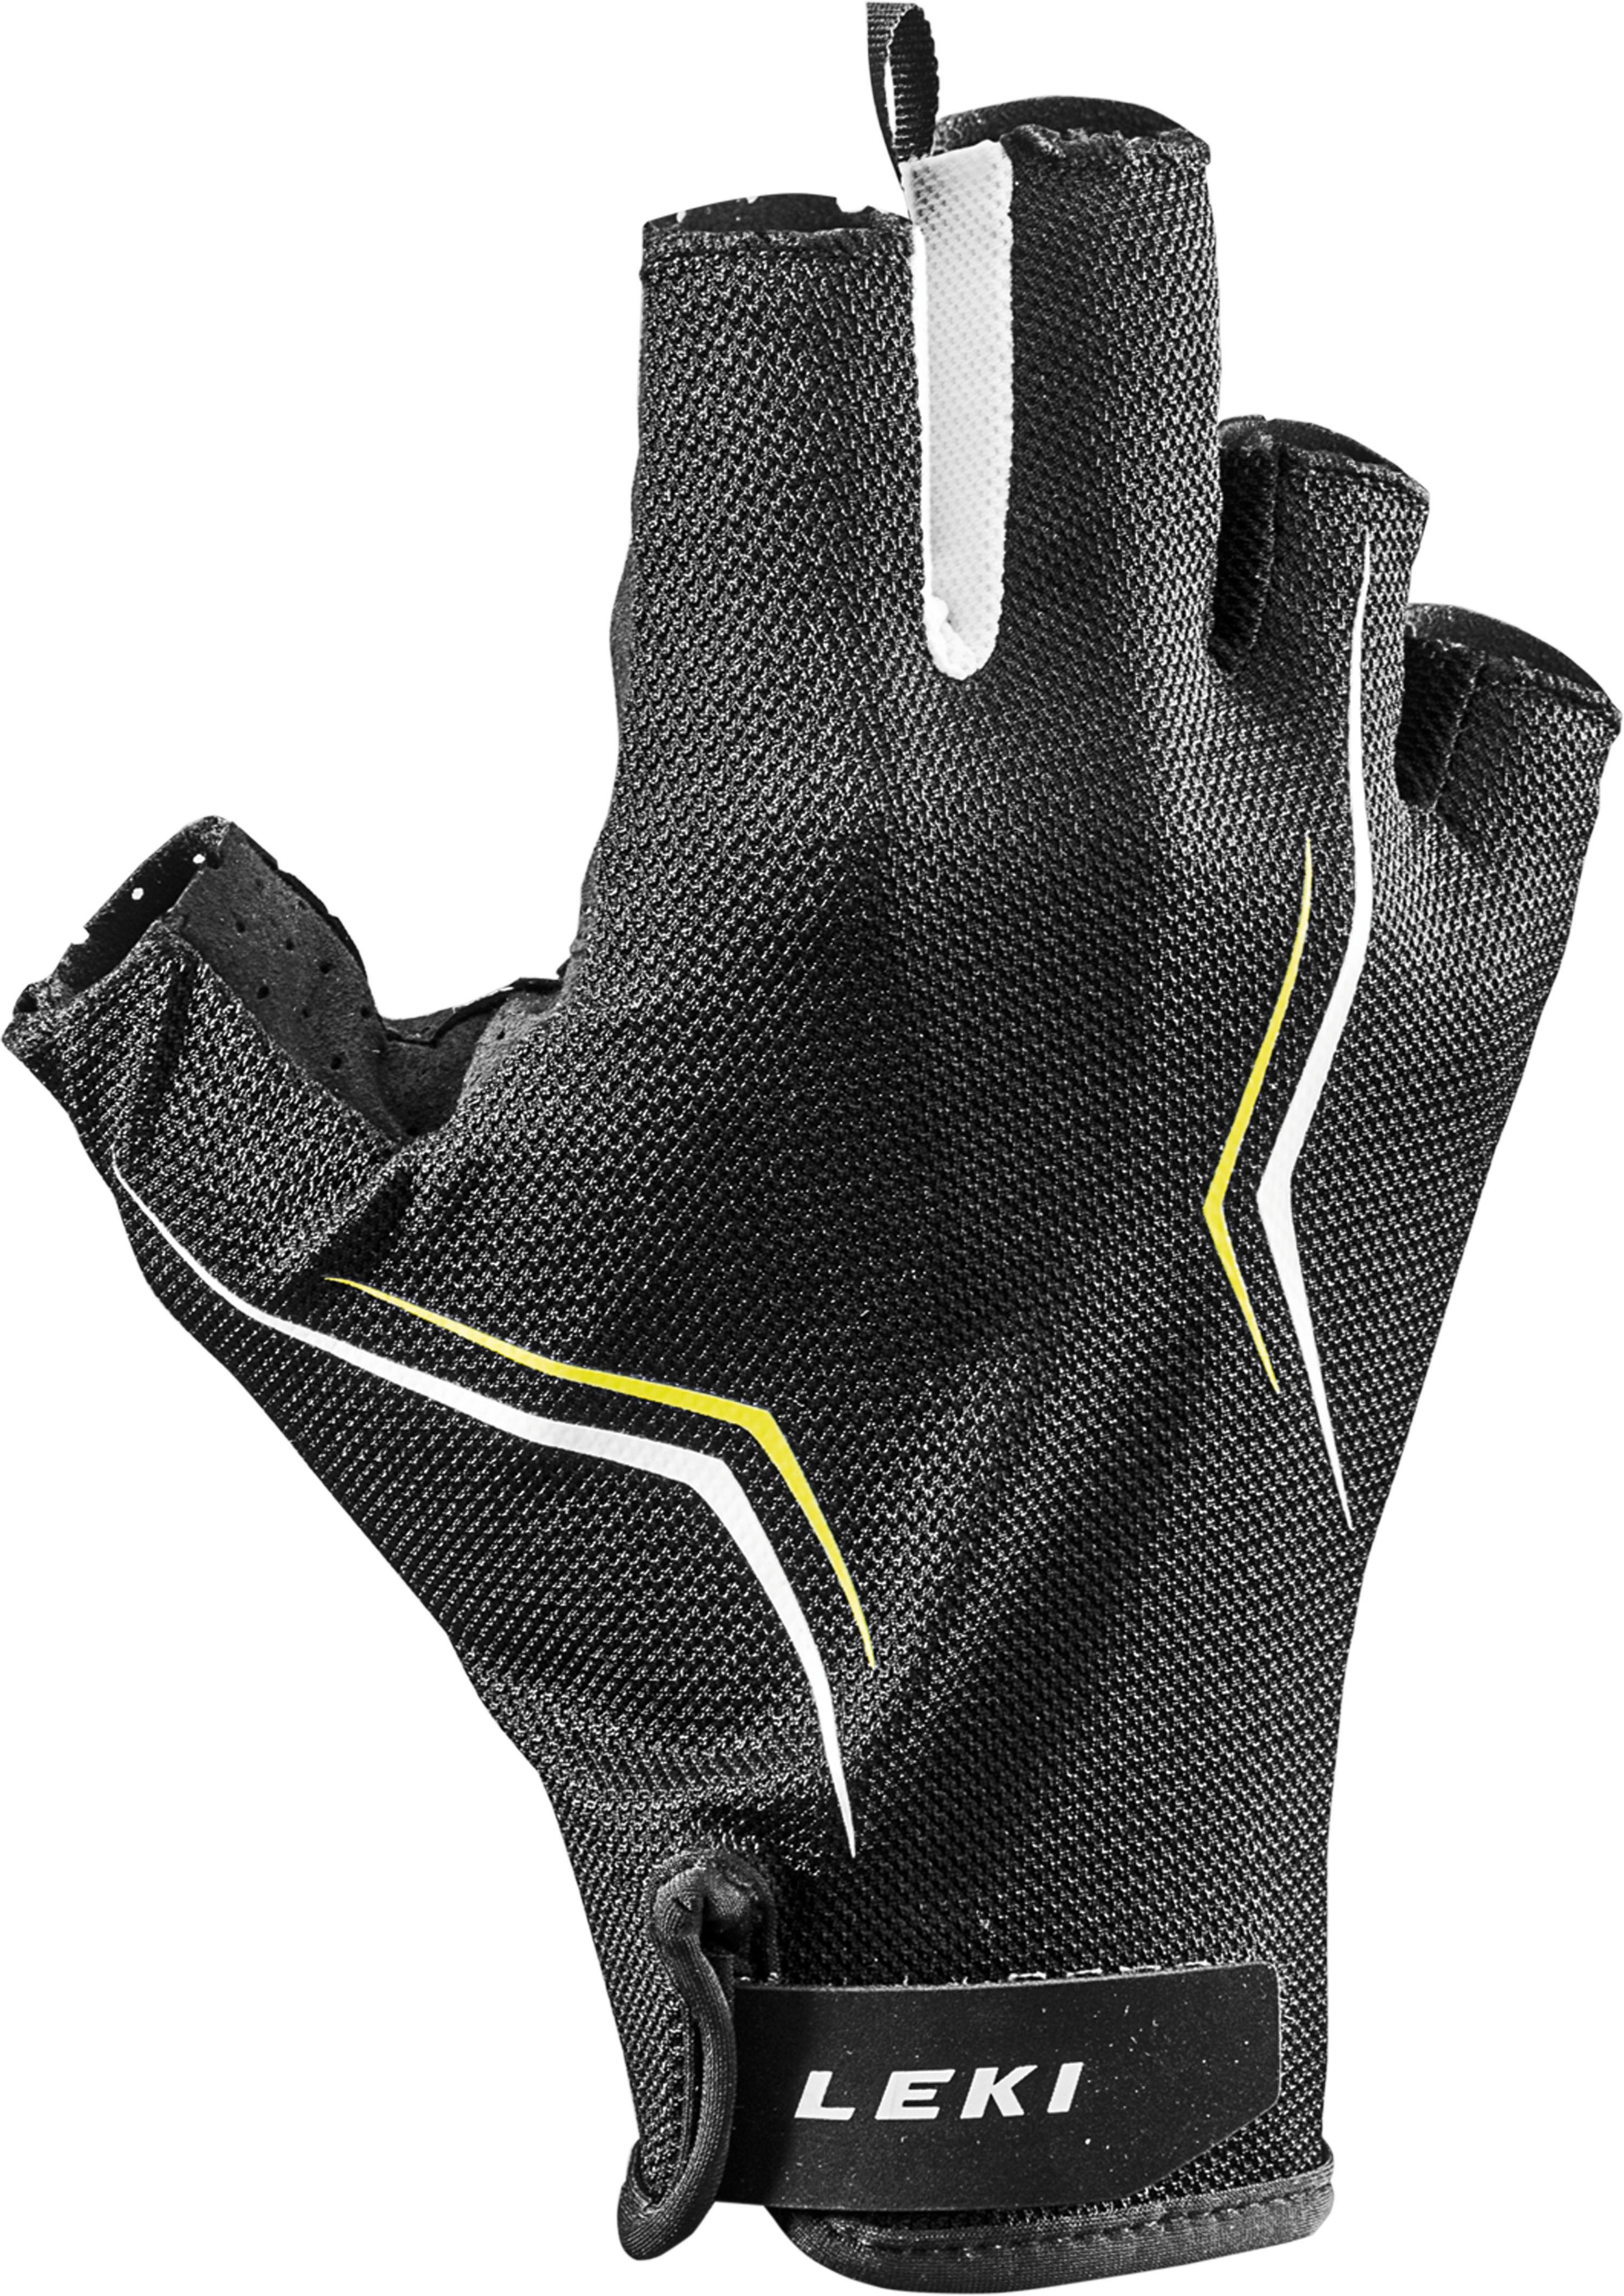 Leki - HS Multi Lite Short – schwarz-weiß-gelb